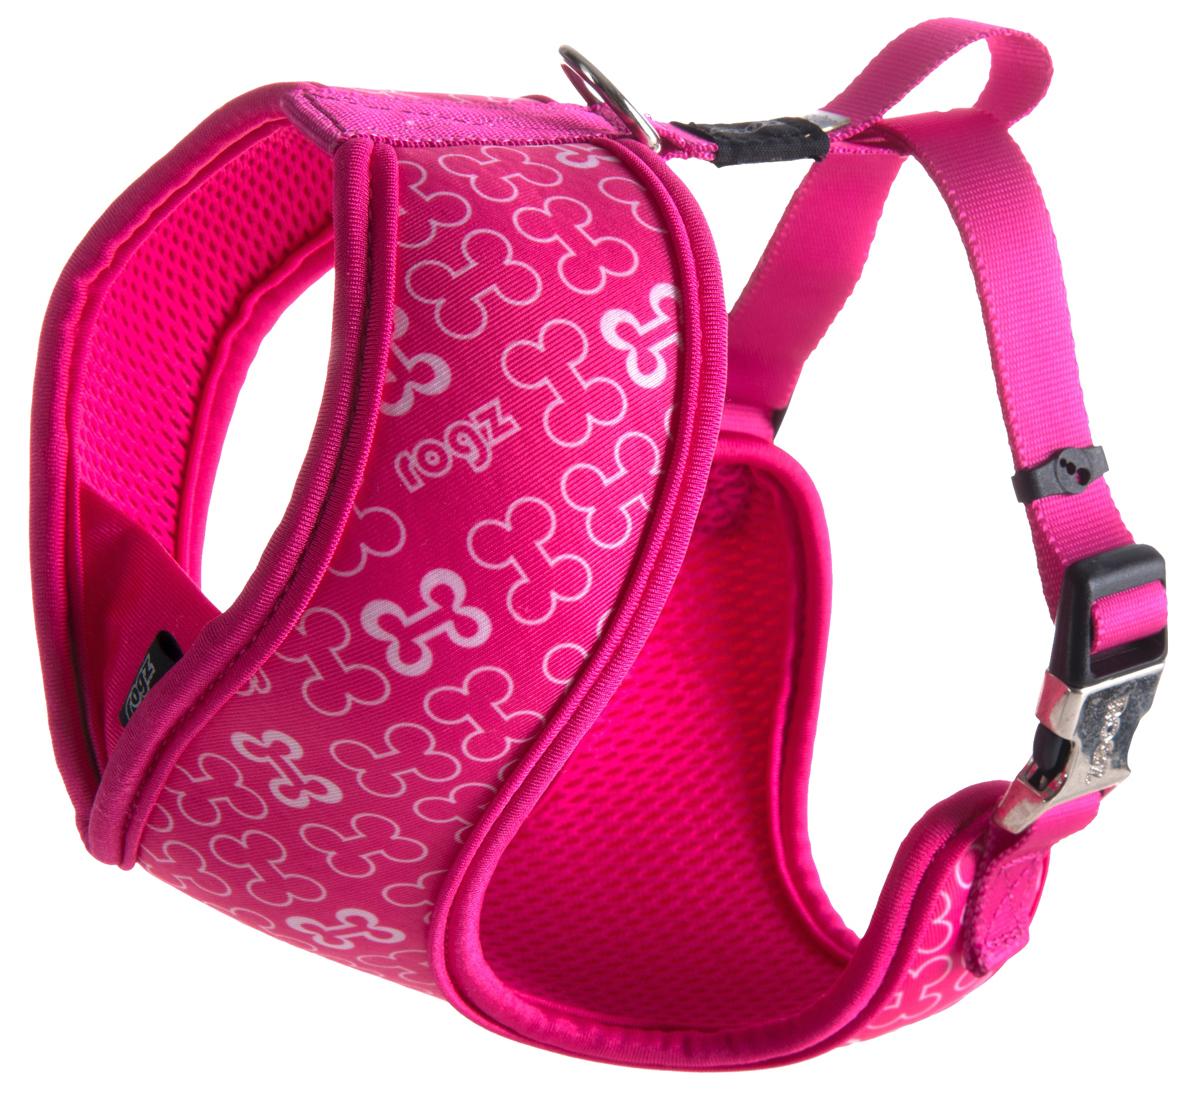 Шлейка-манишка для собак Rogz Trendy, цвет: розовый. Размер MWR523KШлейка-манишка для собак Rogz Trendy - мягкость для шеи, удобство и комфорт.Сохраняет шерстку в идеальном состоянии.Широкие элементы изделия позволят равномерно распределить нагрузку на шлейку при рывках, обеспечивая, тем самым, здоровье любимцу и целостность изделию.Шлейка полностью отражает свет.